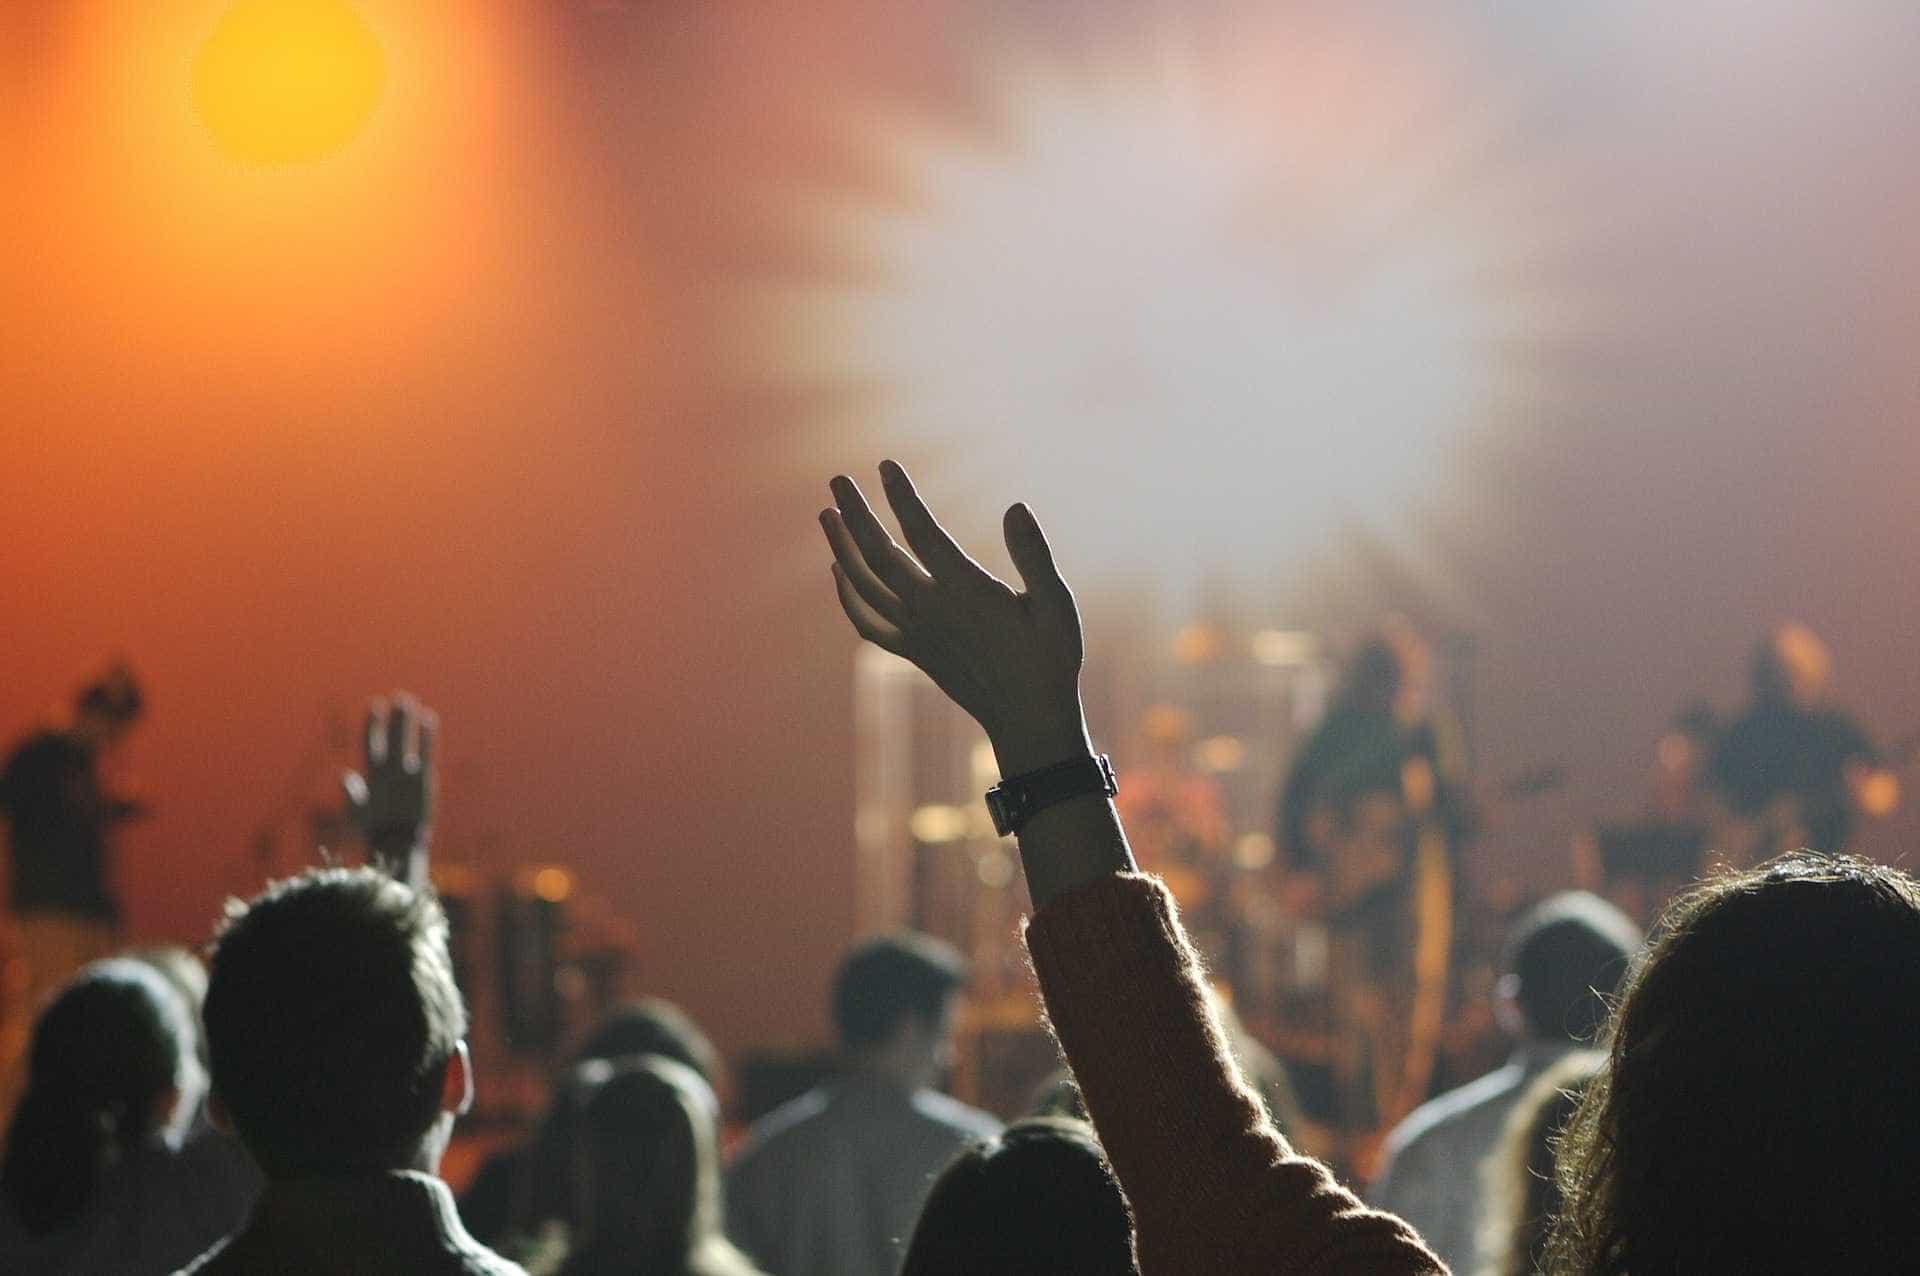 Festival de Paços de Brandão com música clássica, gospel e do mundo